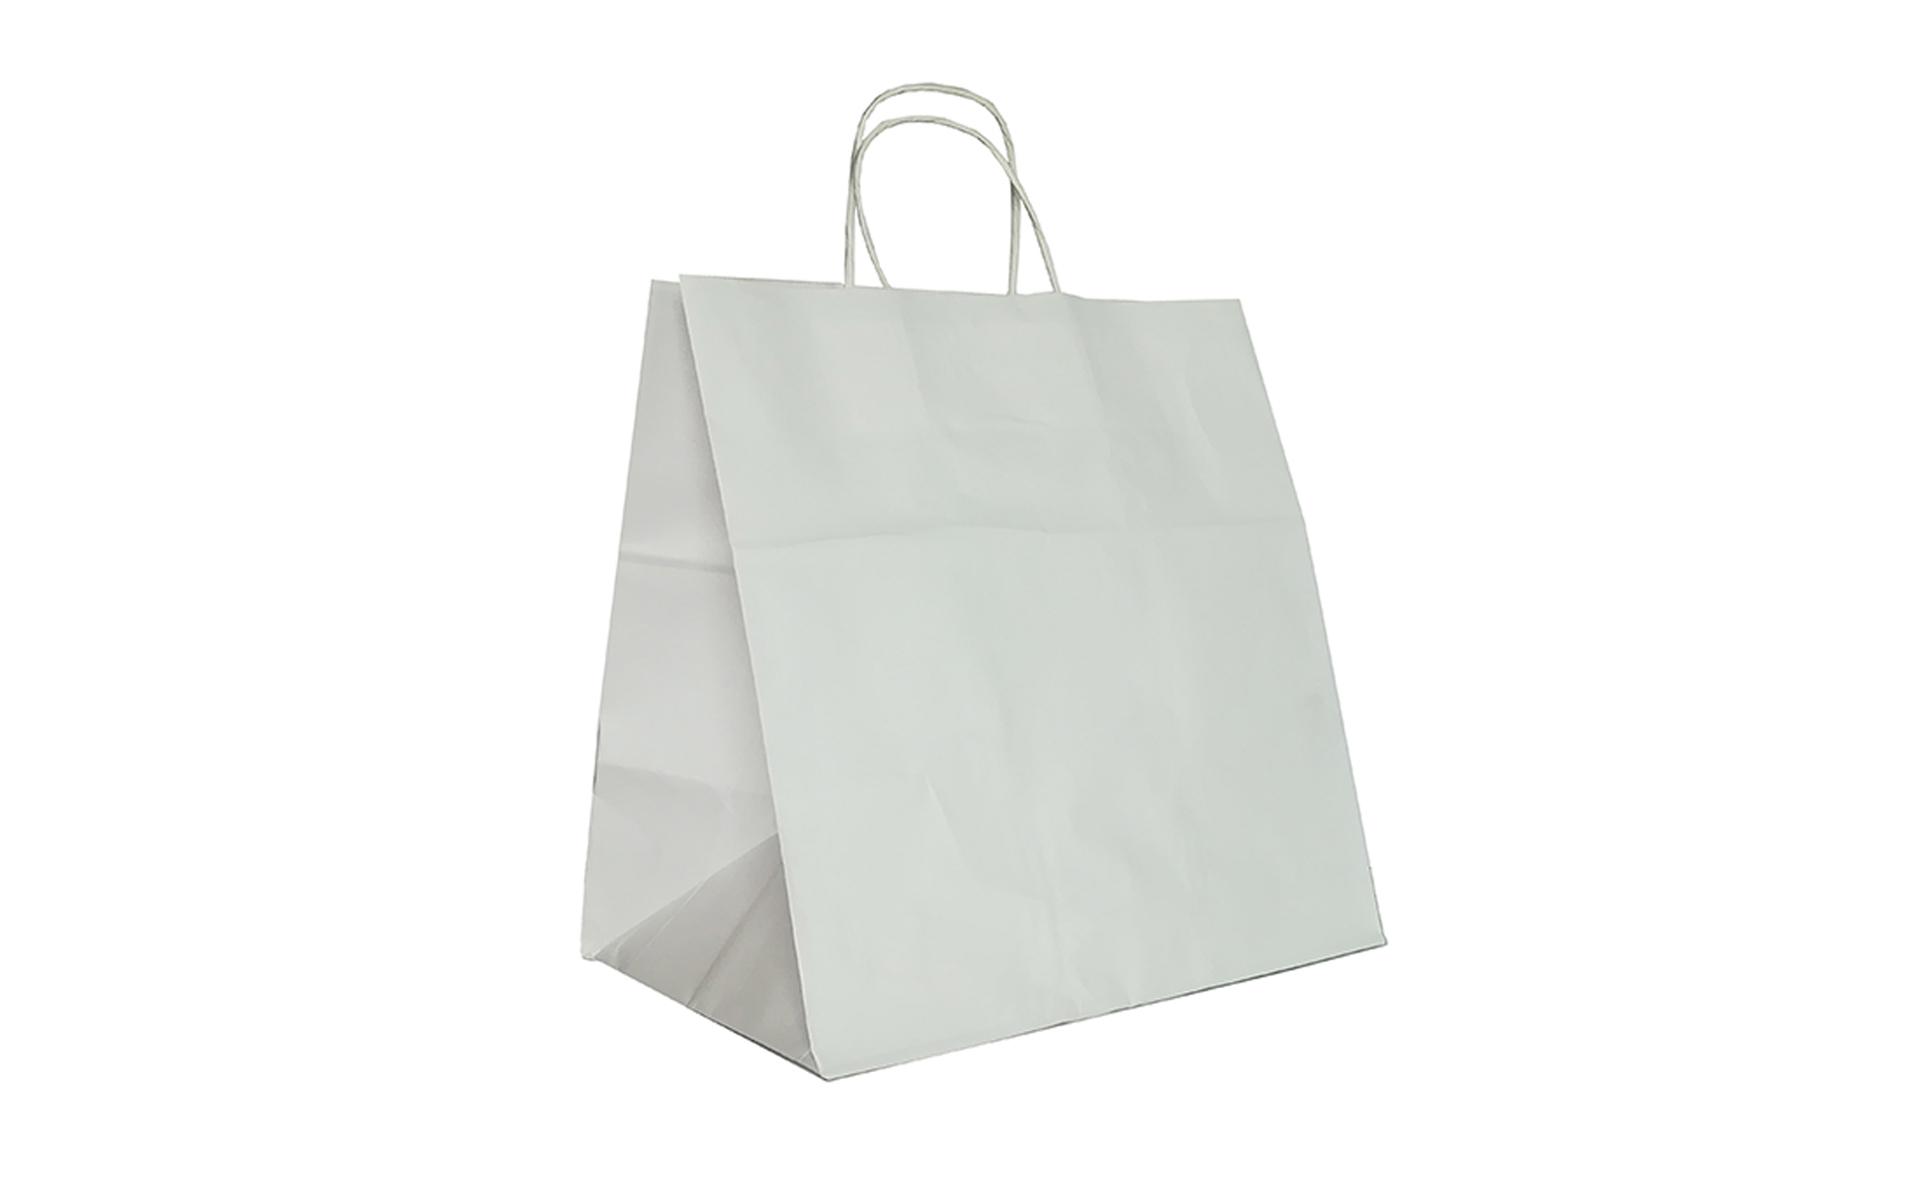 Bolsa papel asa rizada 32x34